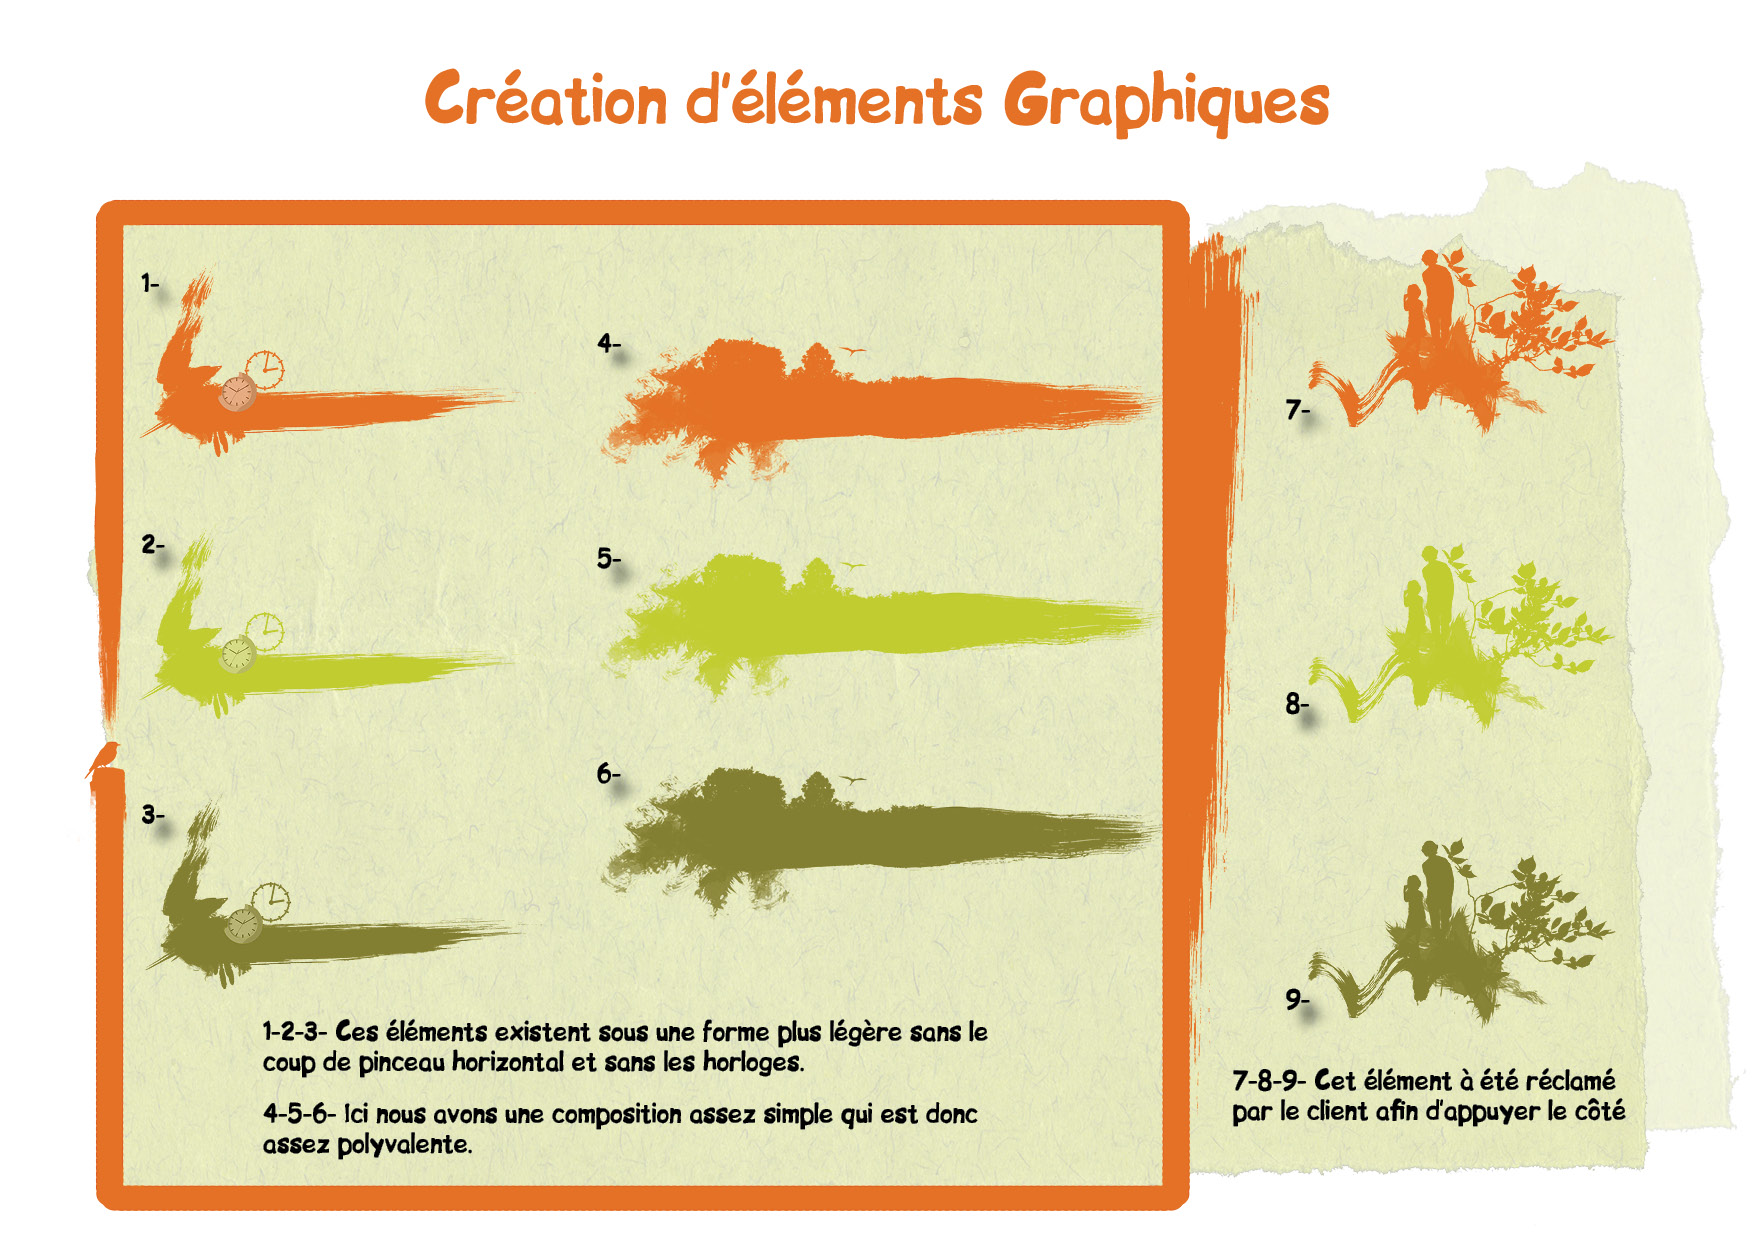 Creation éléments graphiques 3